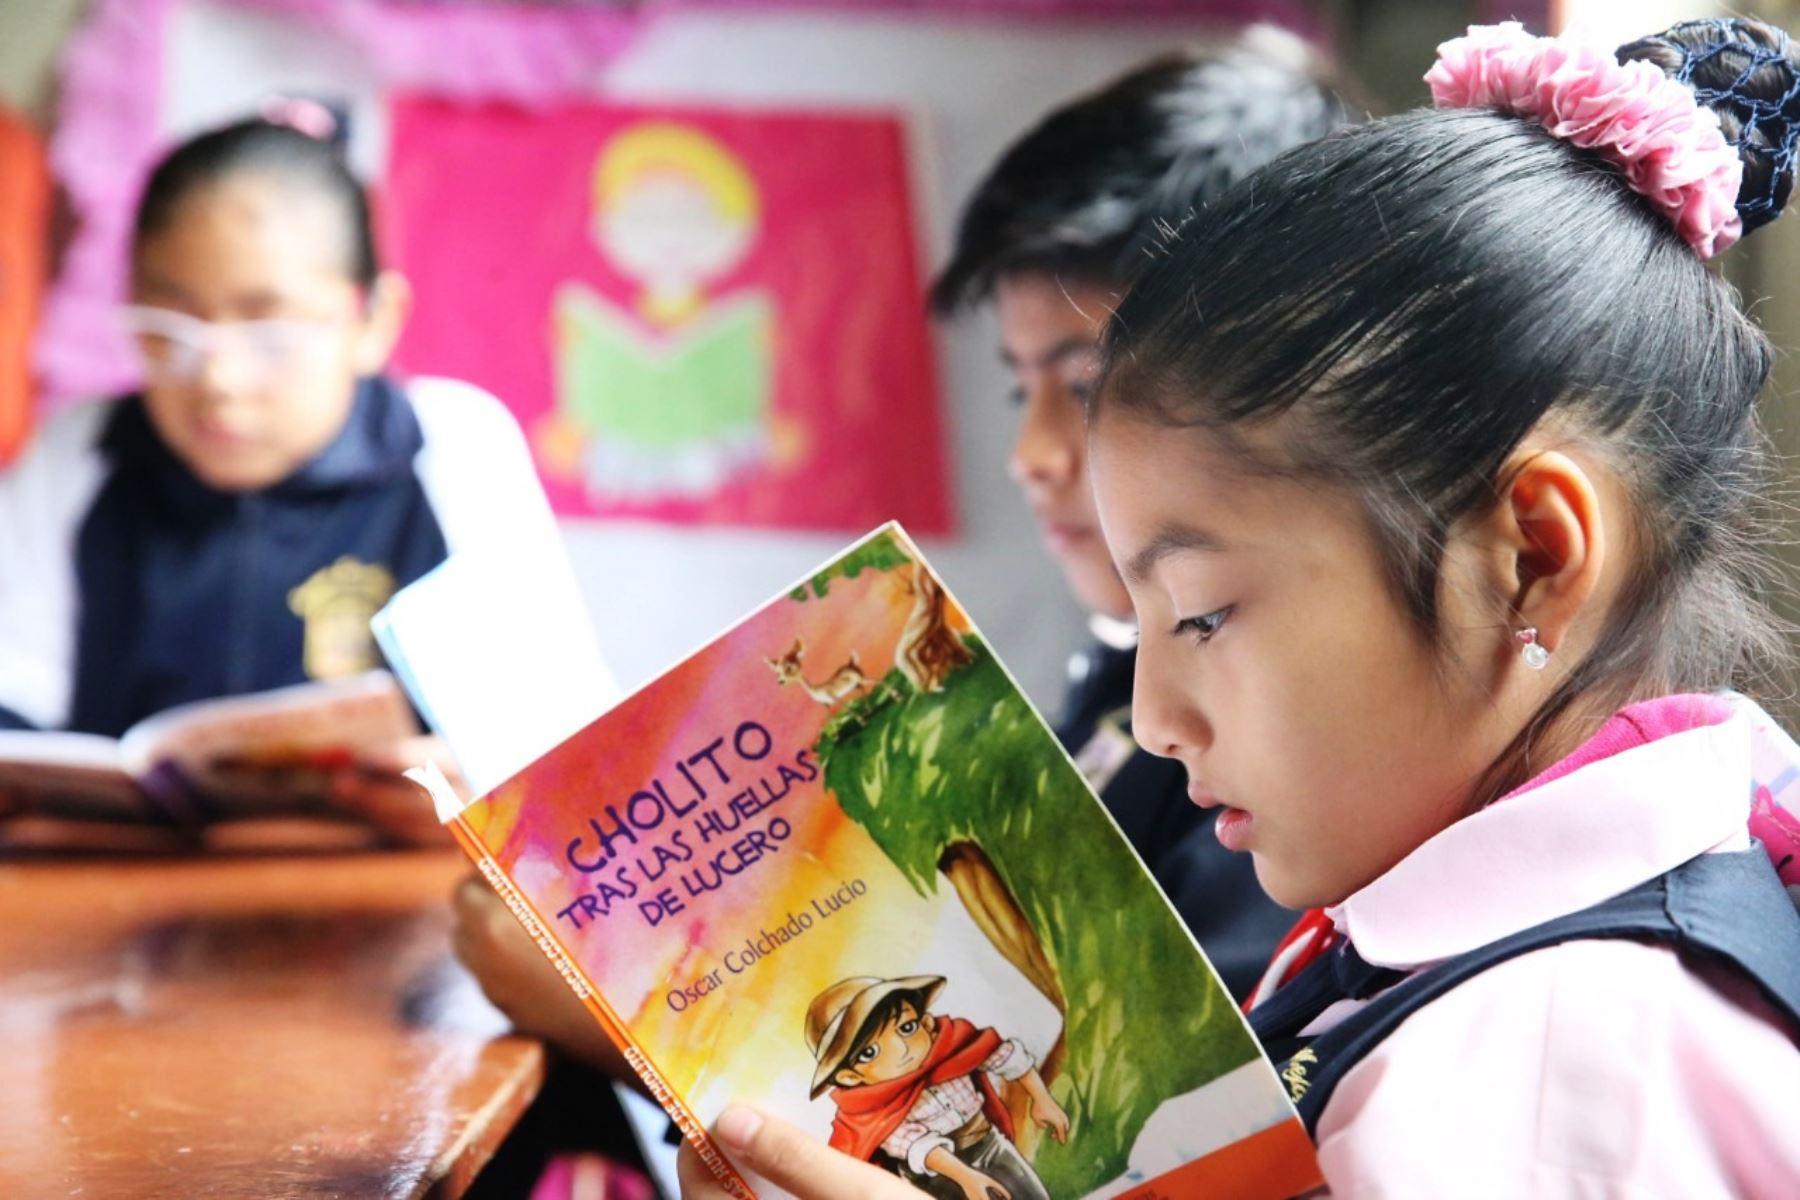 Minedu triplicará presupuesto para bibliotecas en colegios en el 2020. Foto: ANDINA/Difusión.